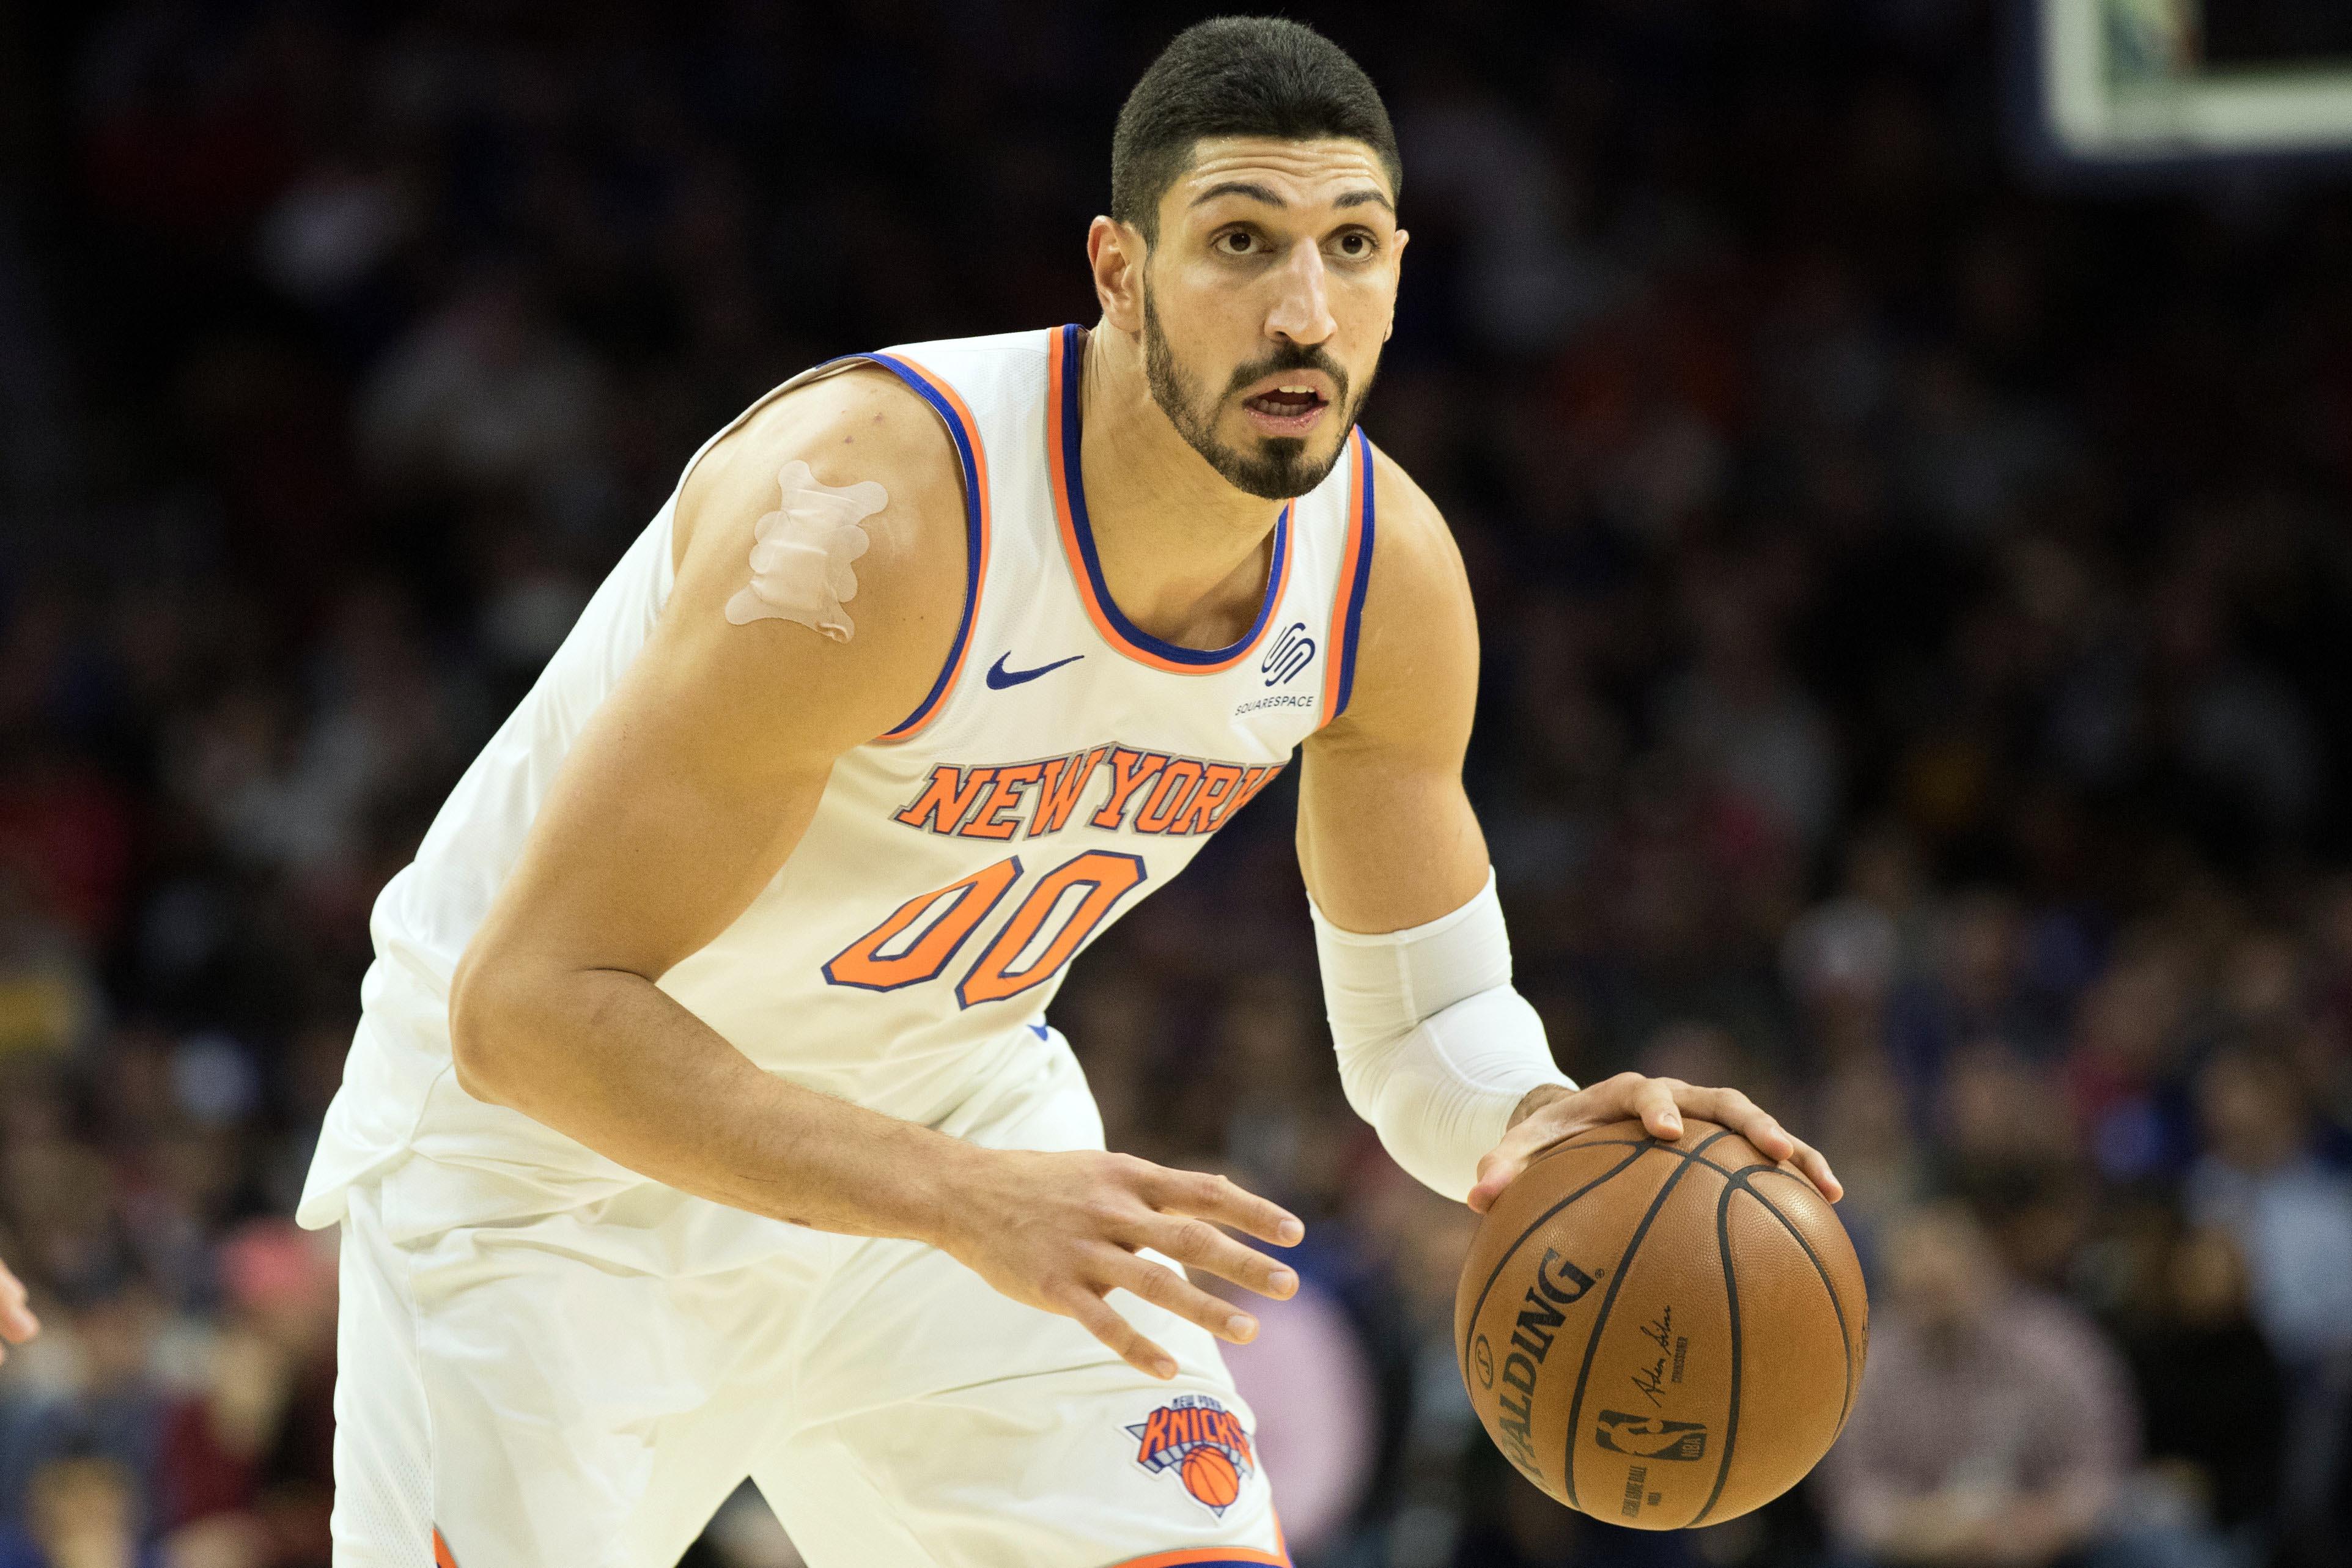 Why Turkey is seeking an international arrest warrant for Knicks' Enes Kanter